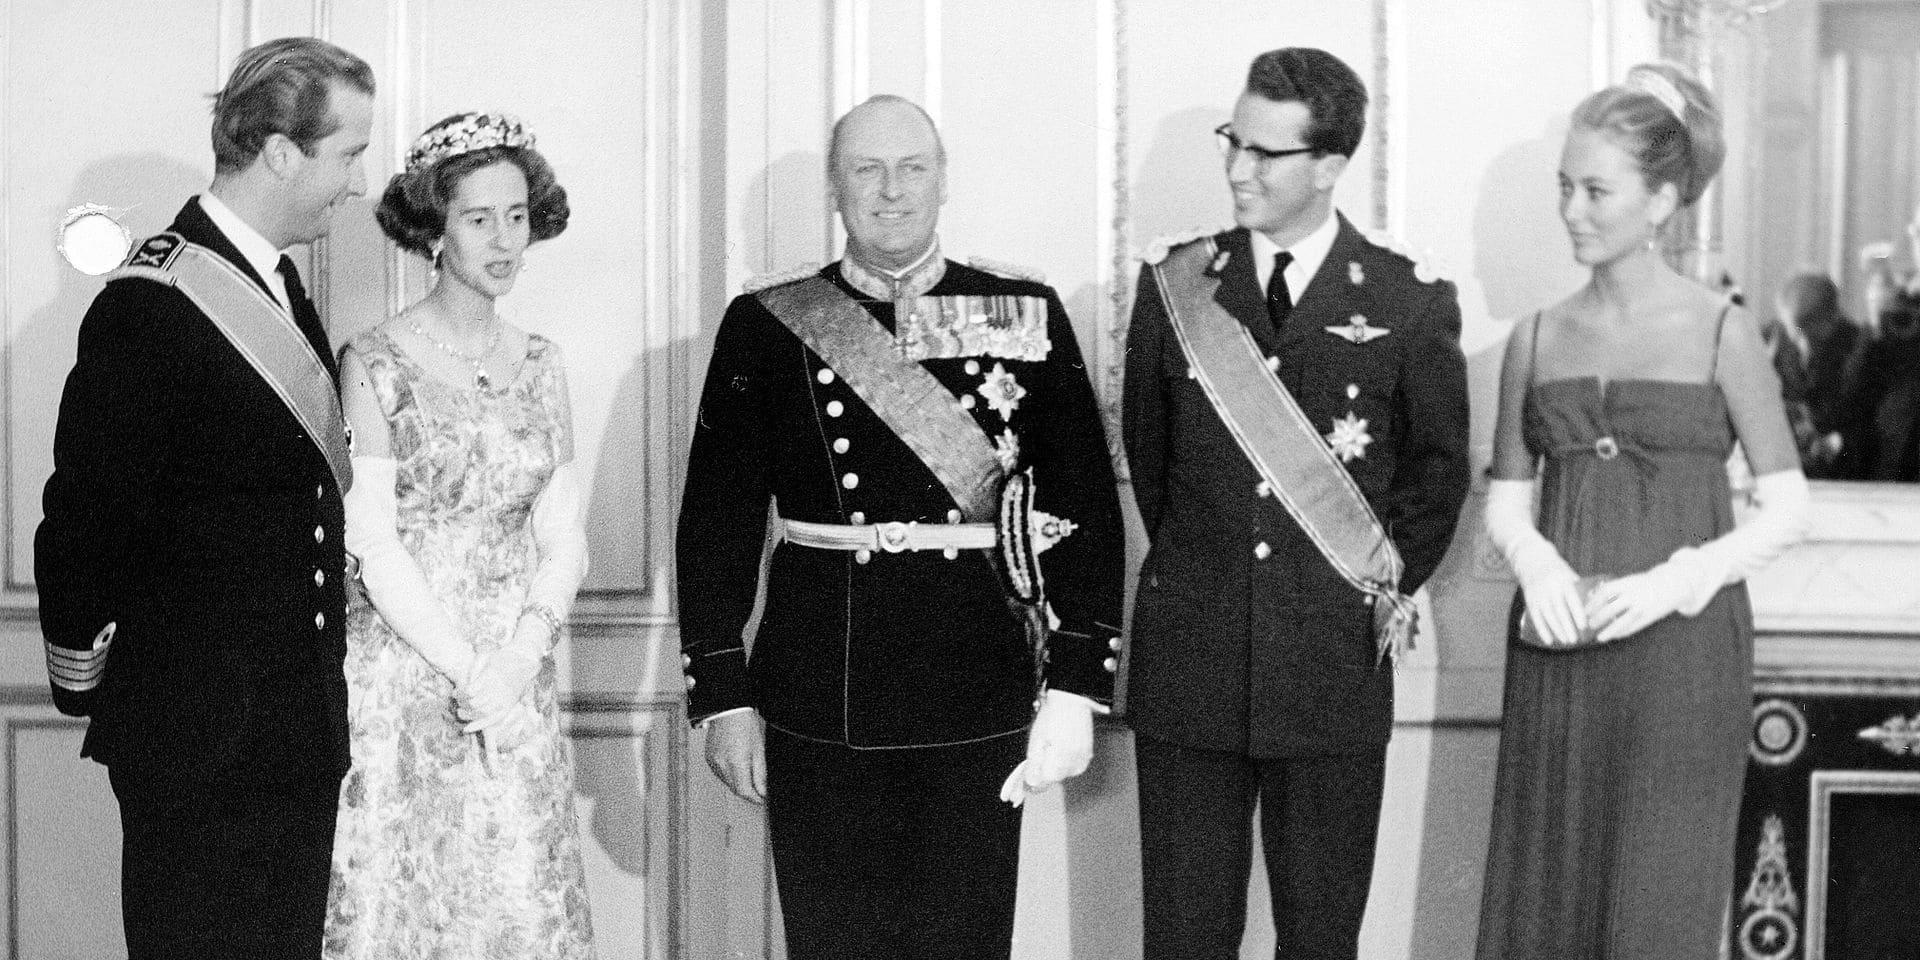 Il y a trente le roi Harald de Norvège prêtait serment, quelques heures après le décès de son père Olav V